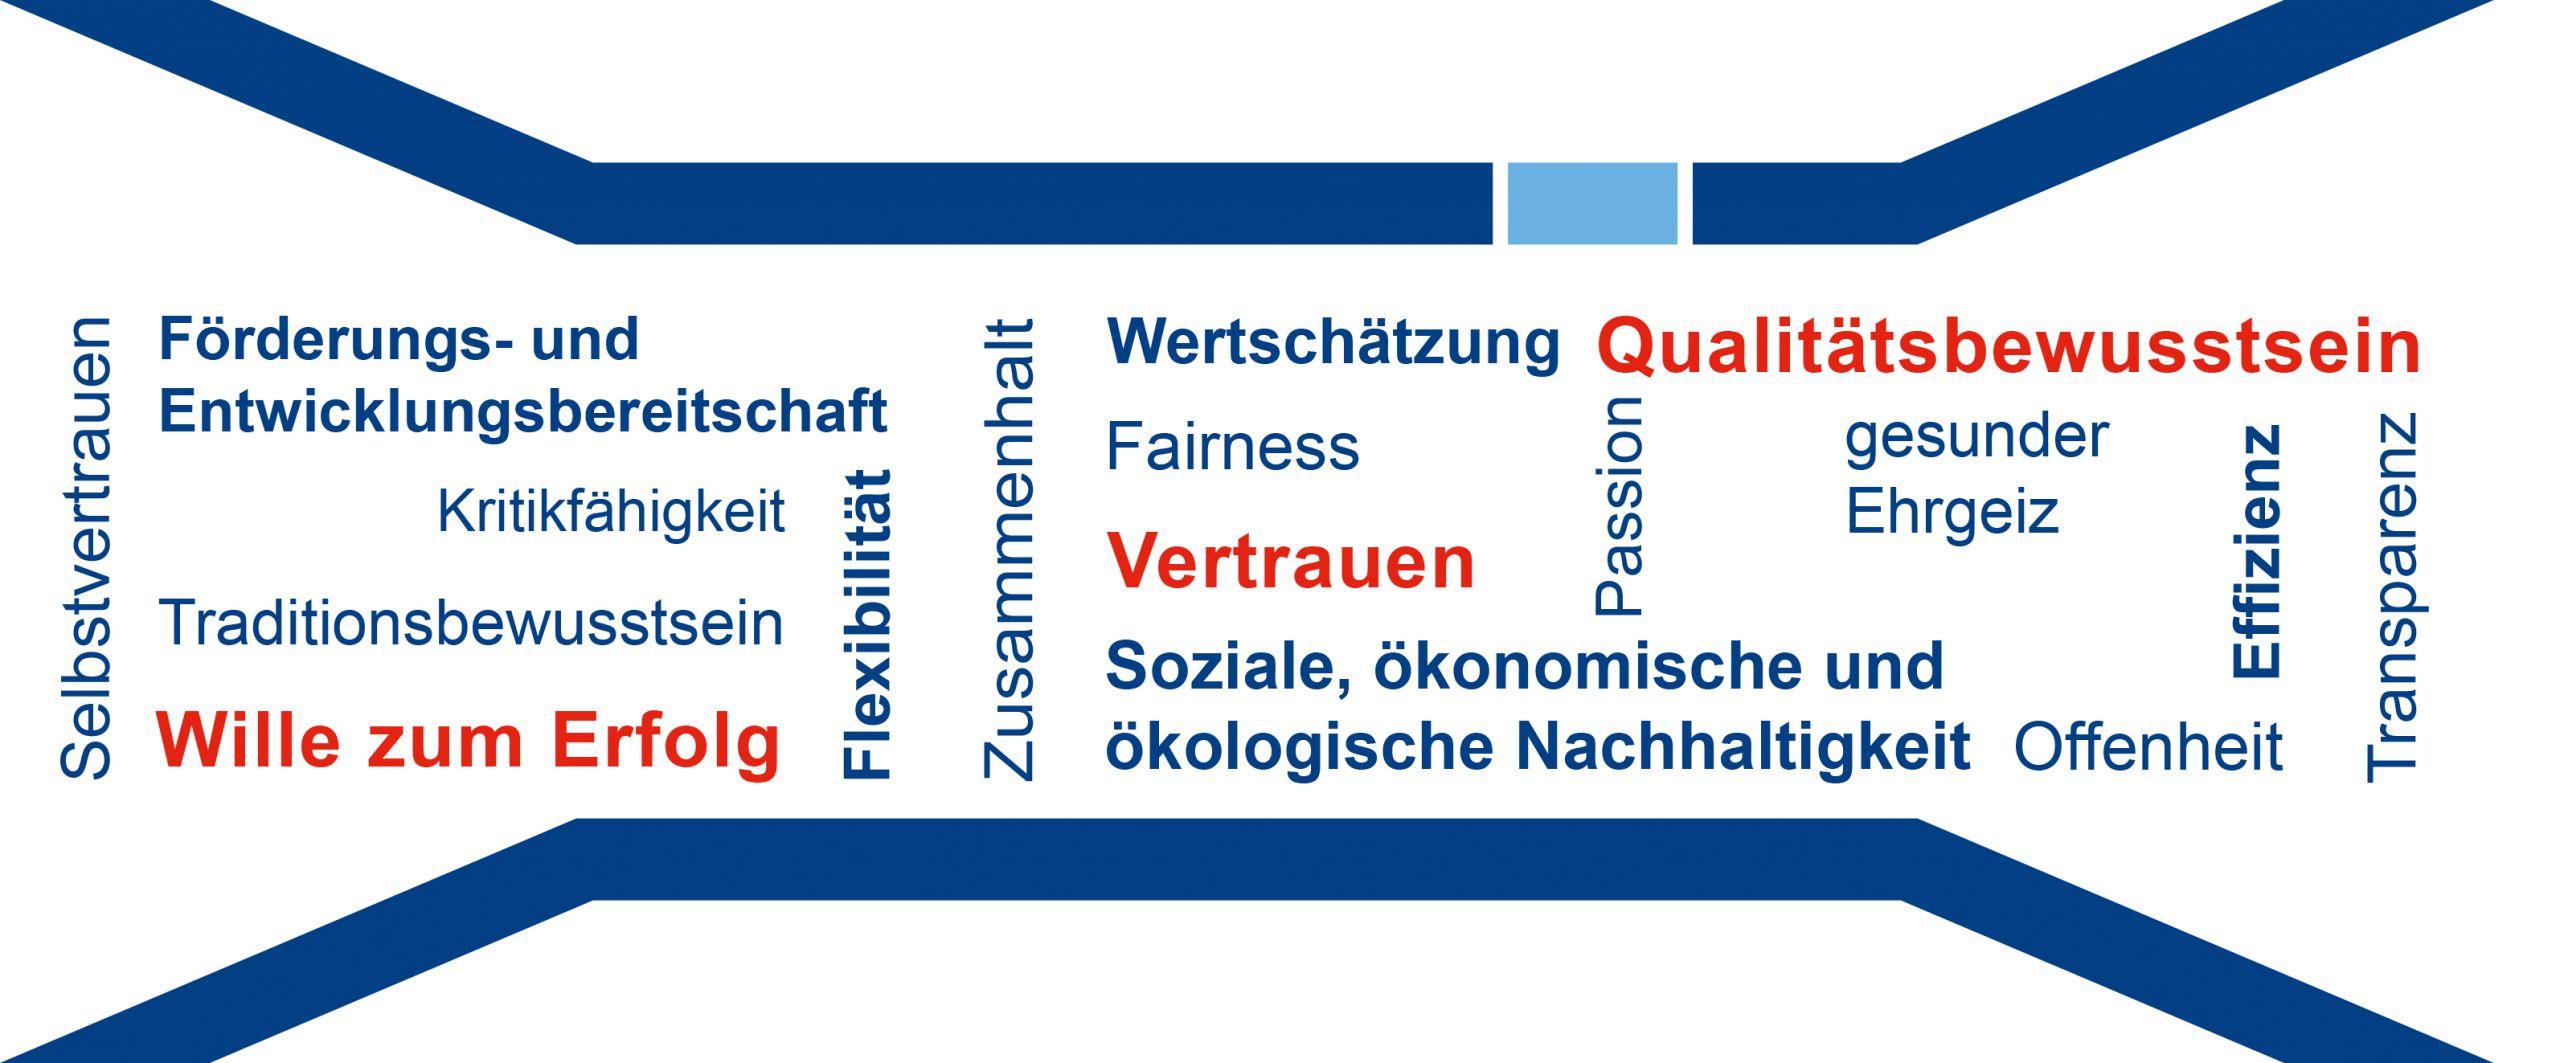 Werte bda connectivity GmbH